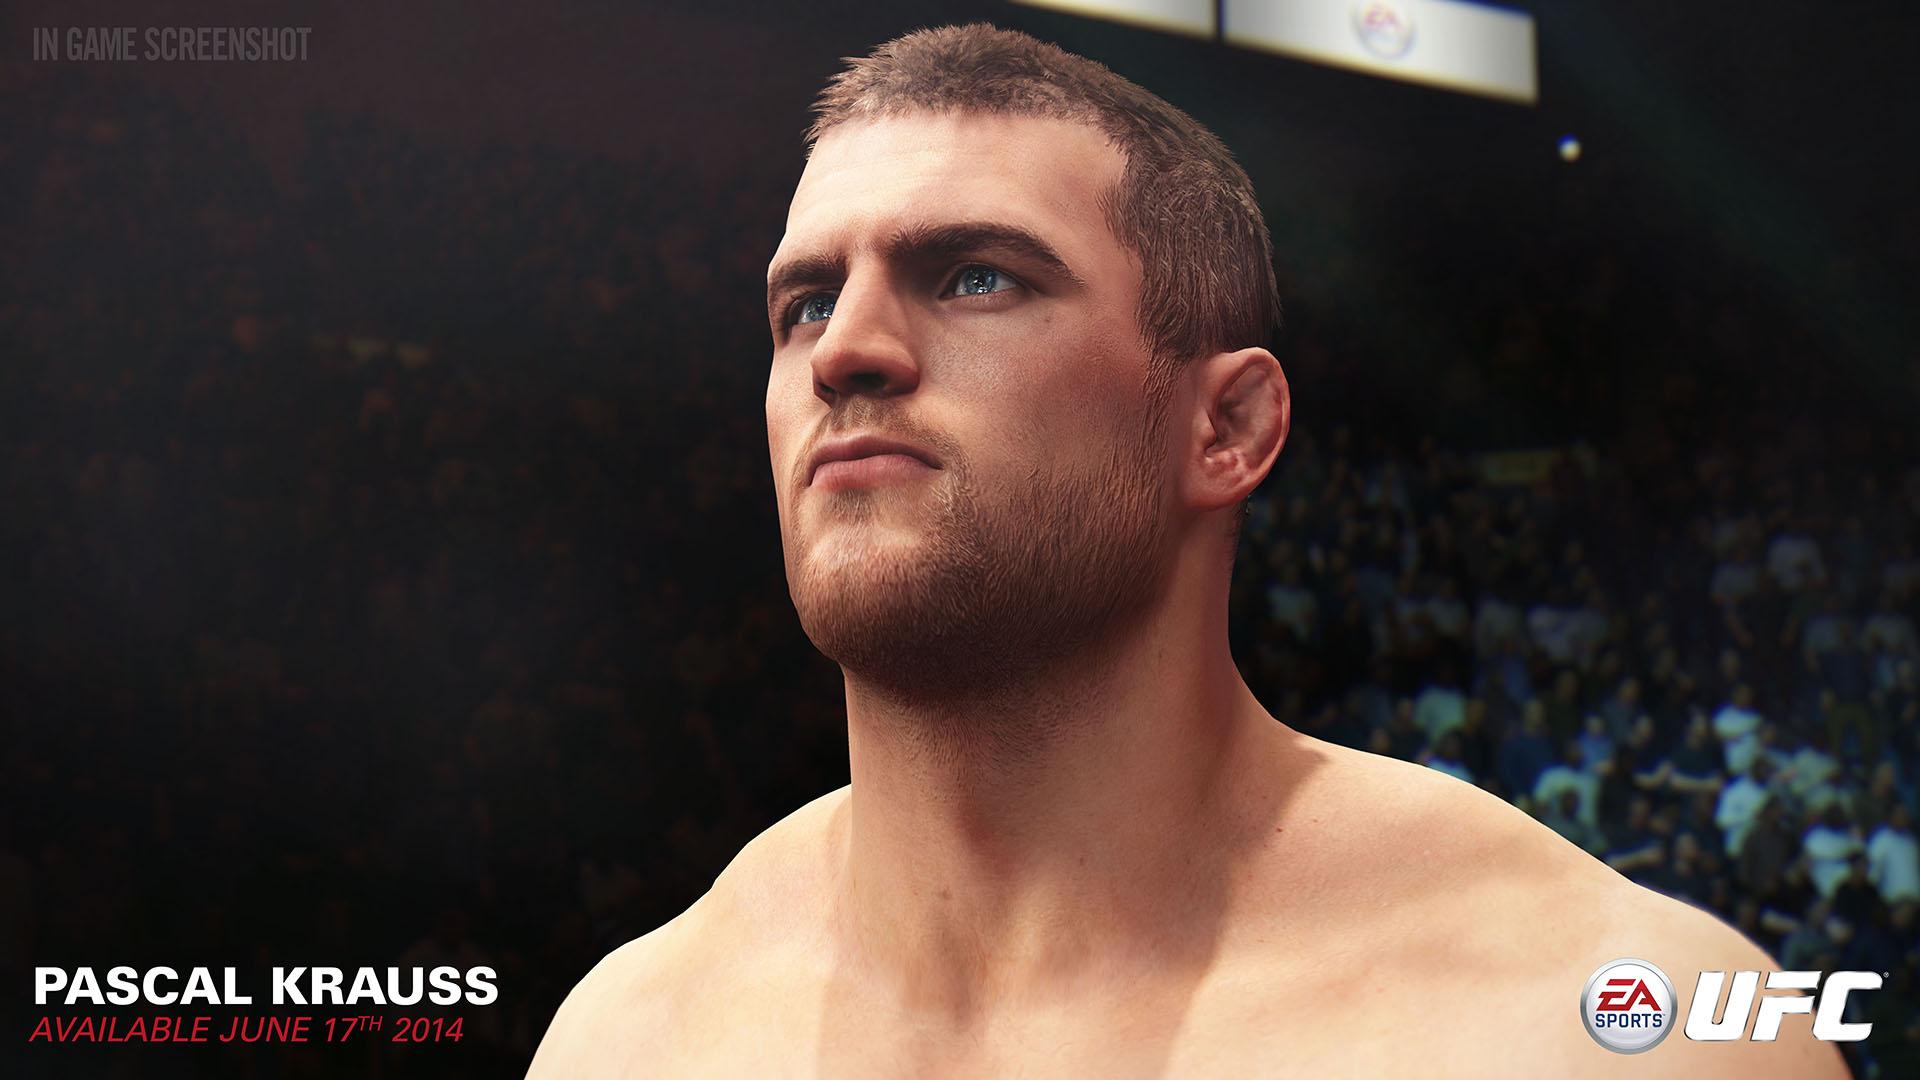 Паскаль Краусс - EA Sports UFC Скриншот